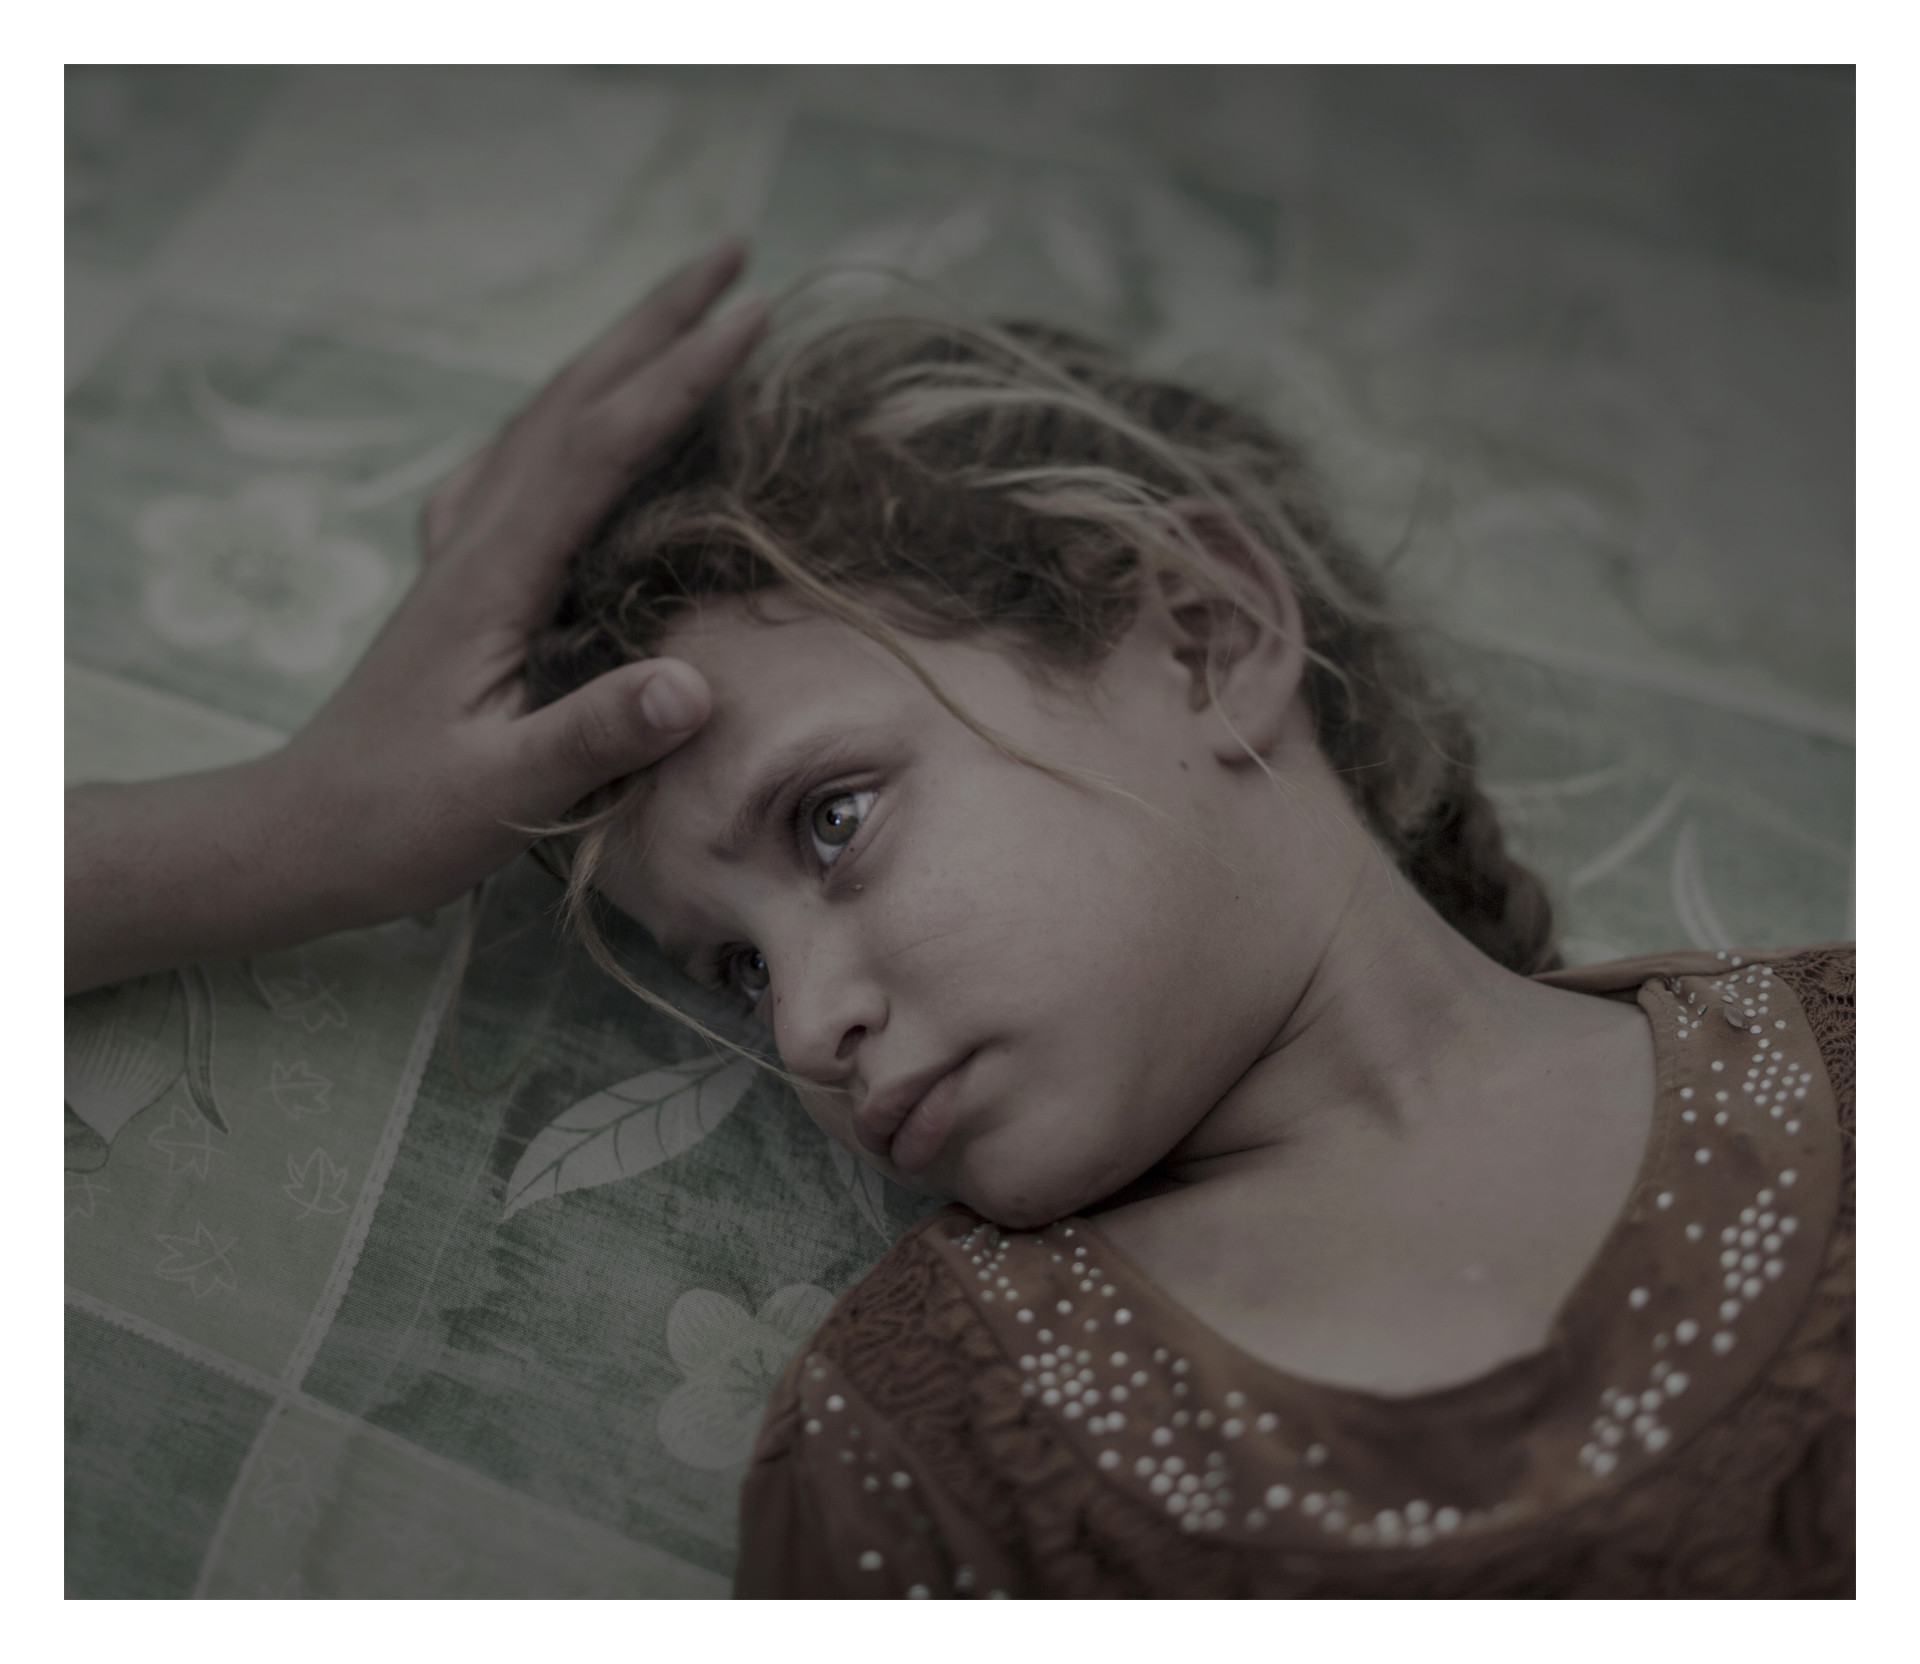 Maha, 5år. DEBAGA, IRAK.  Maha, 5 och hennes familj flydde från byn Hawiga utanför Mosul för sju dagar sedan. Skräcken för IS och bristen på mat gjorde att de var tvungna att lämna sitt hem berättar hennes mamma. Nu ligger Maha på en smutsig madrass i det överfulla transit-tältet i flyktinglägret Debaga.  Jag drömmer inte och jag är inte rädd för någonting längre säger Maha tyst, samtidigt som hennes mammas hand stryker henne över håret.  //   Maha, 5 years. DEBAGA, IRAQ. Maha, 5 and her family fled from the village Hawiga outside Mosul seven days ago. The fear of Isis and the lack of food forced them to leave their home, her mother says. Now Maha lays on a dirty mattress in the overcrowded transit center in Debaga refugee camp. I do not dream and I'm not afraid of anything anymore Maha says quietly, while her mother's hand strokes her hair.